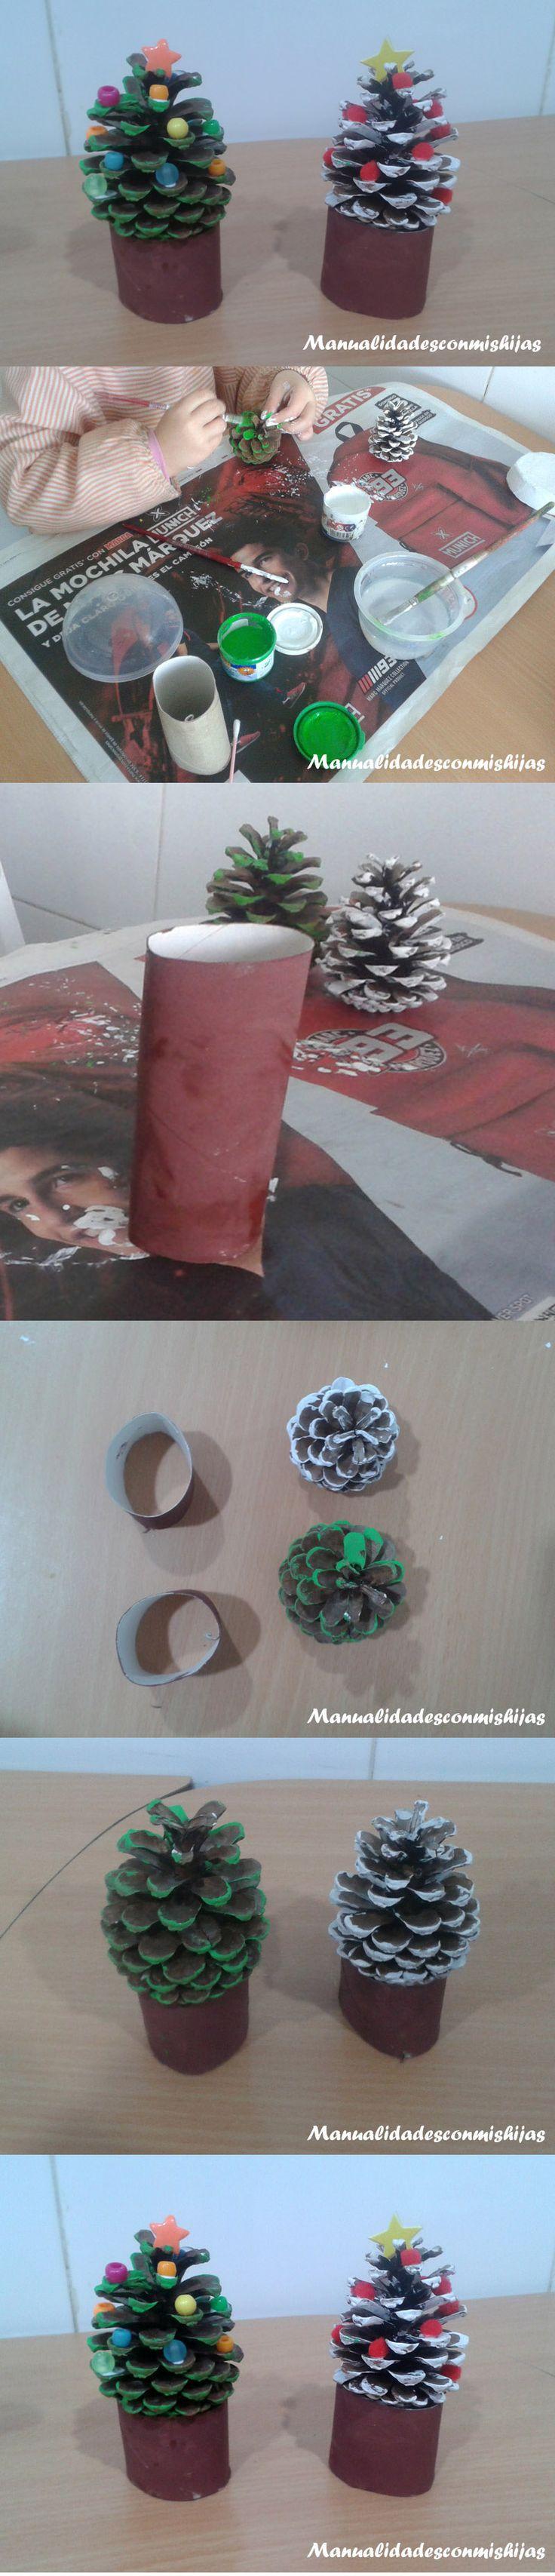 Pinos de navidad hechos con piñas, tubo de cartón del baño y abalorios